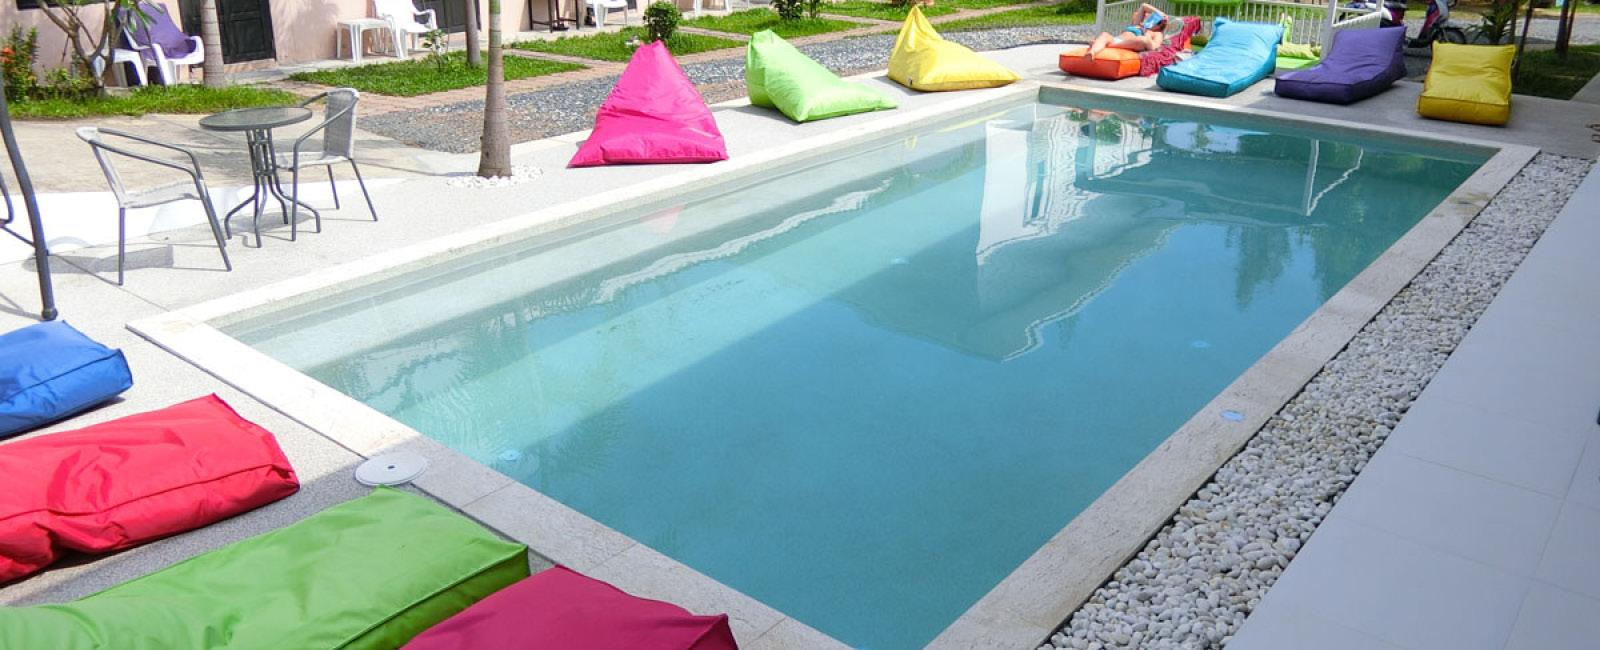 Paradise Pool Interiors Sliders 5